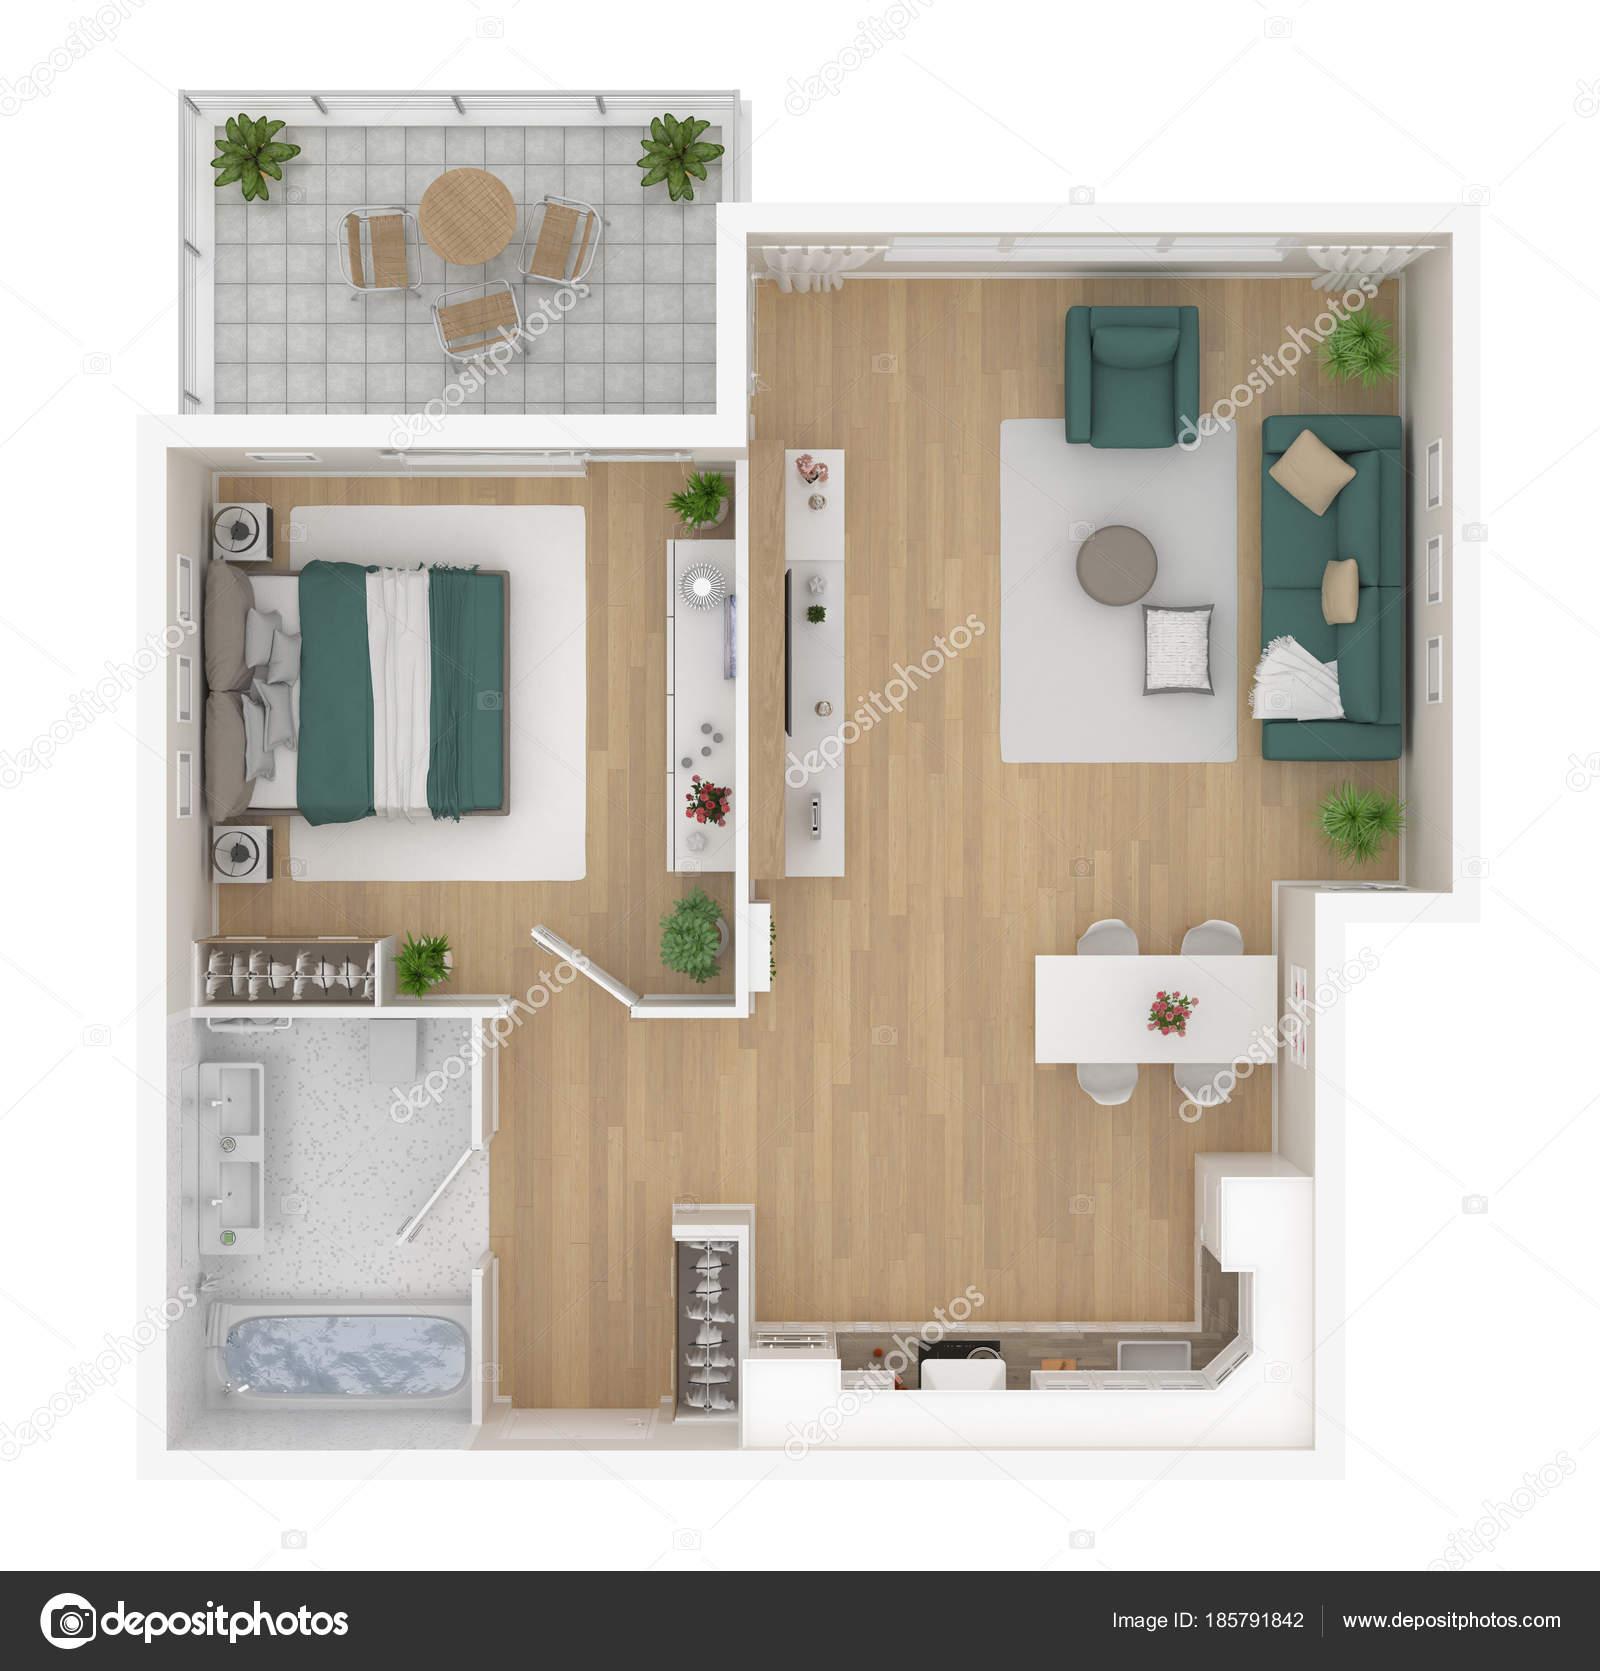 https://st3.depositphotos.com/3856085/18579/i/1600/depositphotos_185791842-stockafbeelding-bovenaanzicht-van-plattegrond-appartement-interieur.jpg